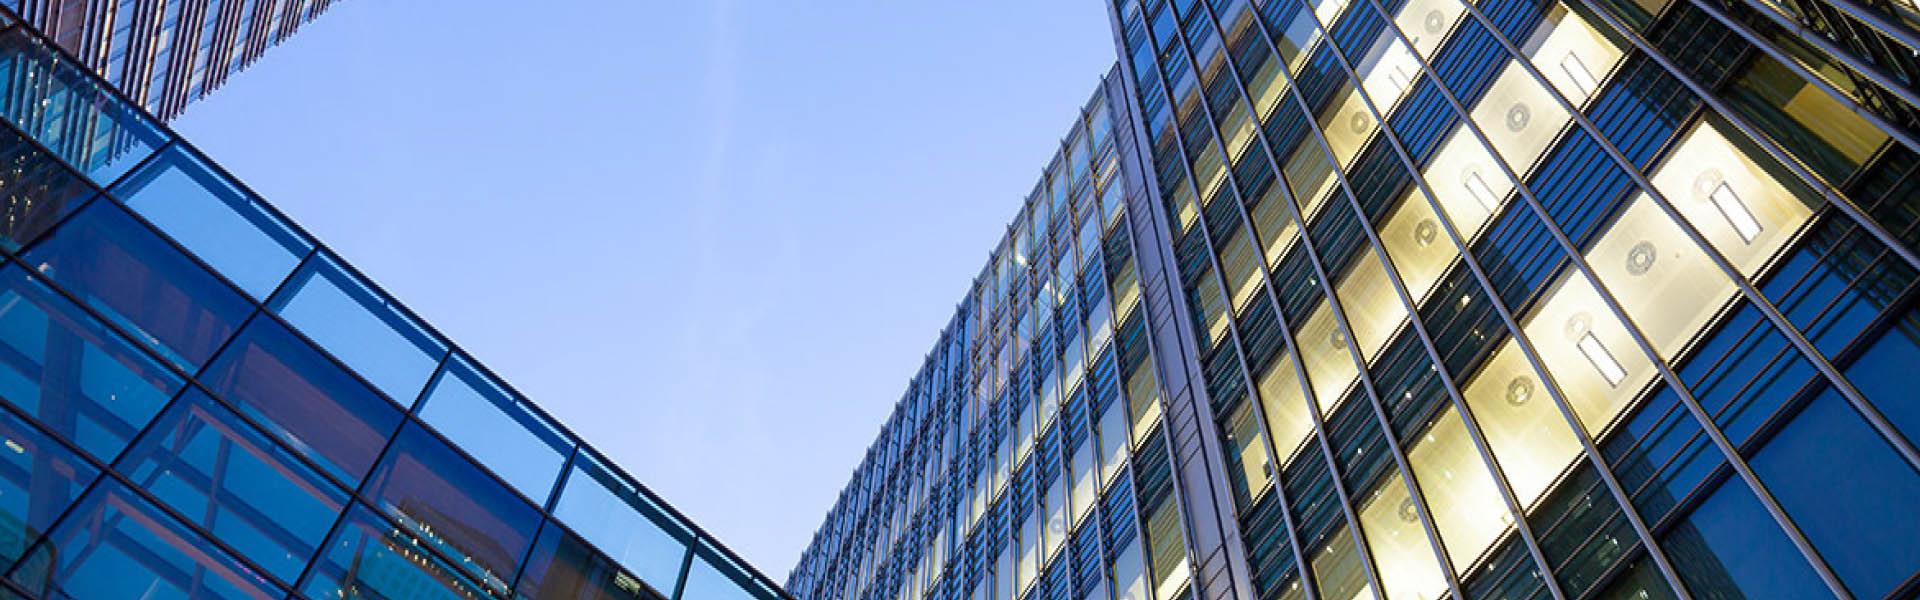 Spécialiste de l'électricité du bâtiment, GOUNOT vous propose de l'installation et de la location de matériel depuis plus de 40 ans.